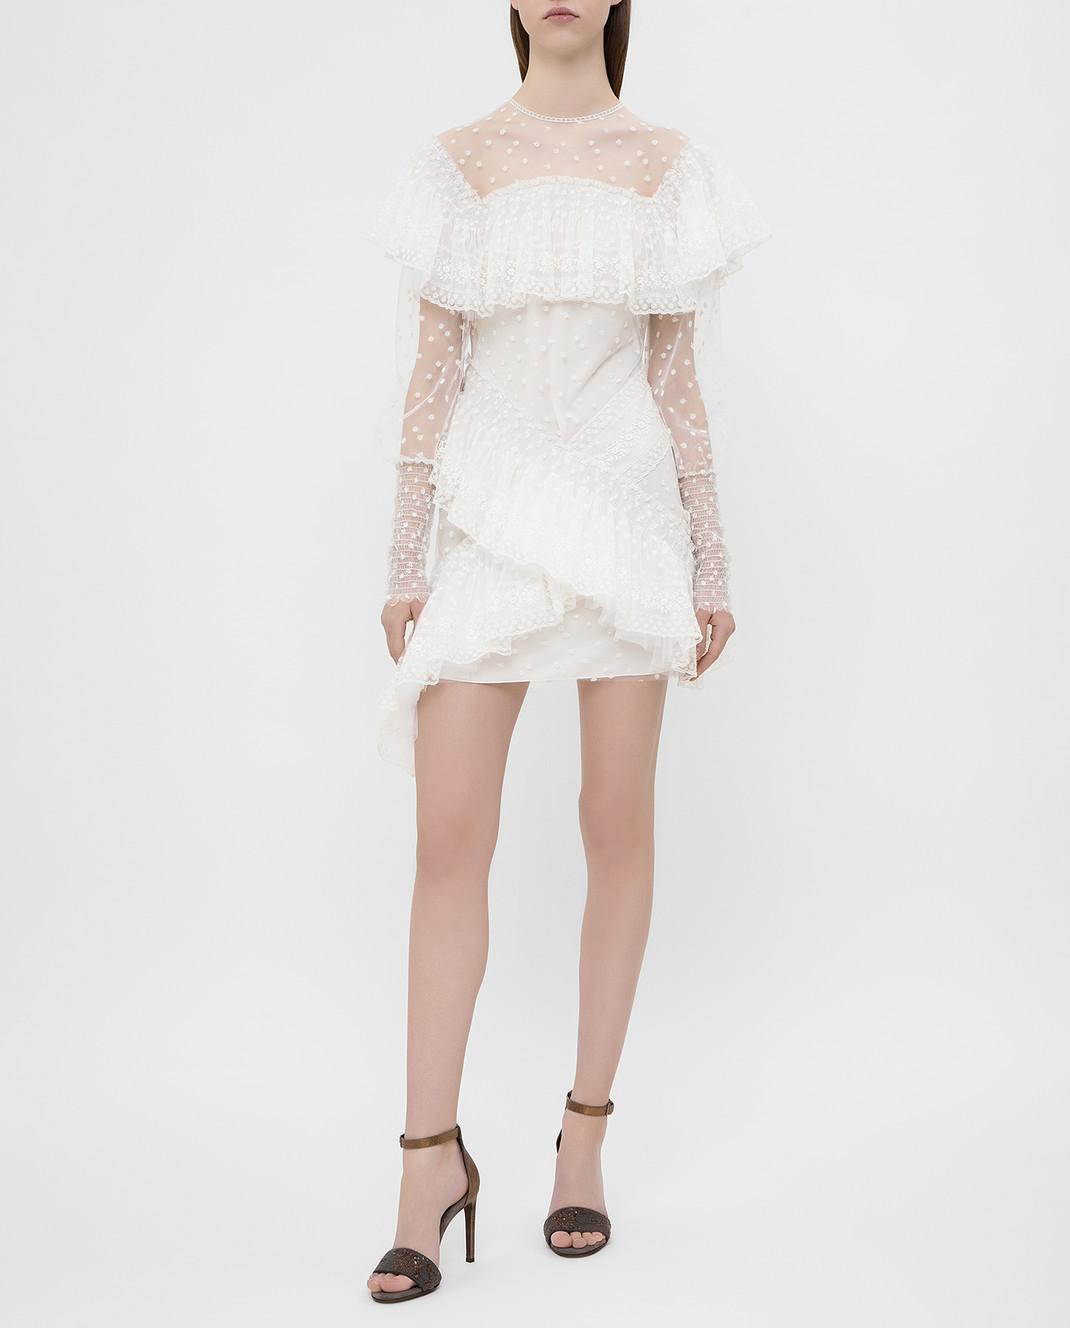 Philosophy di Lorenzo Serafini Белое платье с кружевом A0469 изображение 2